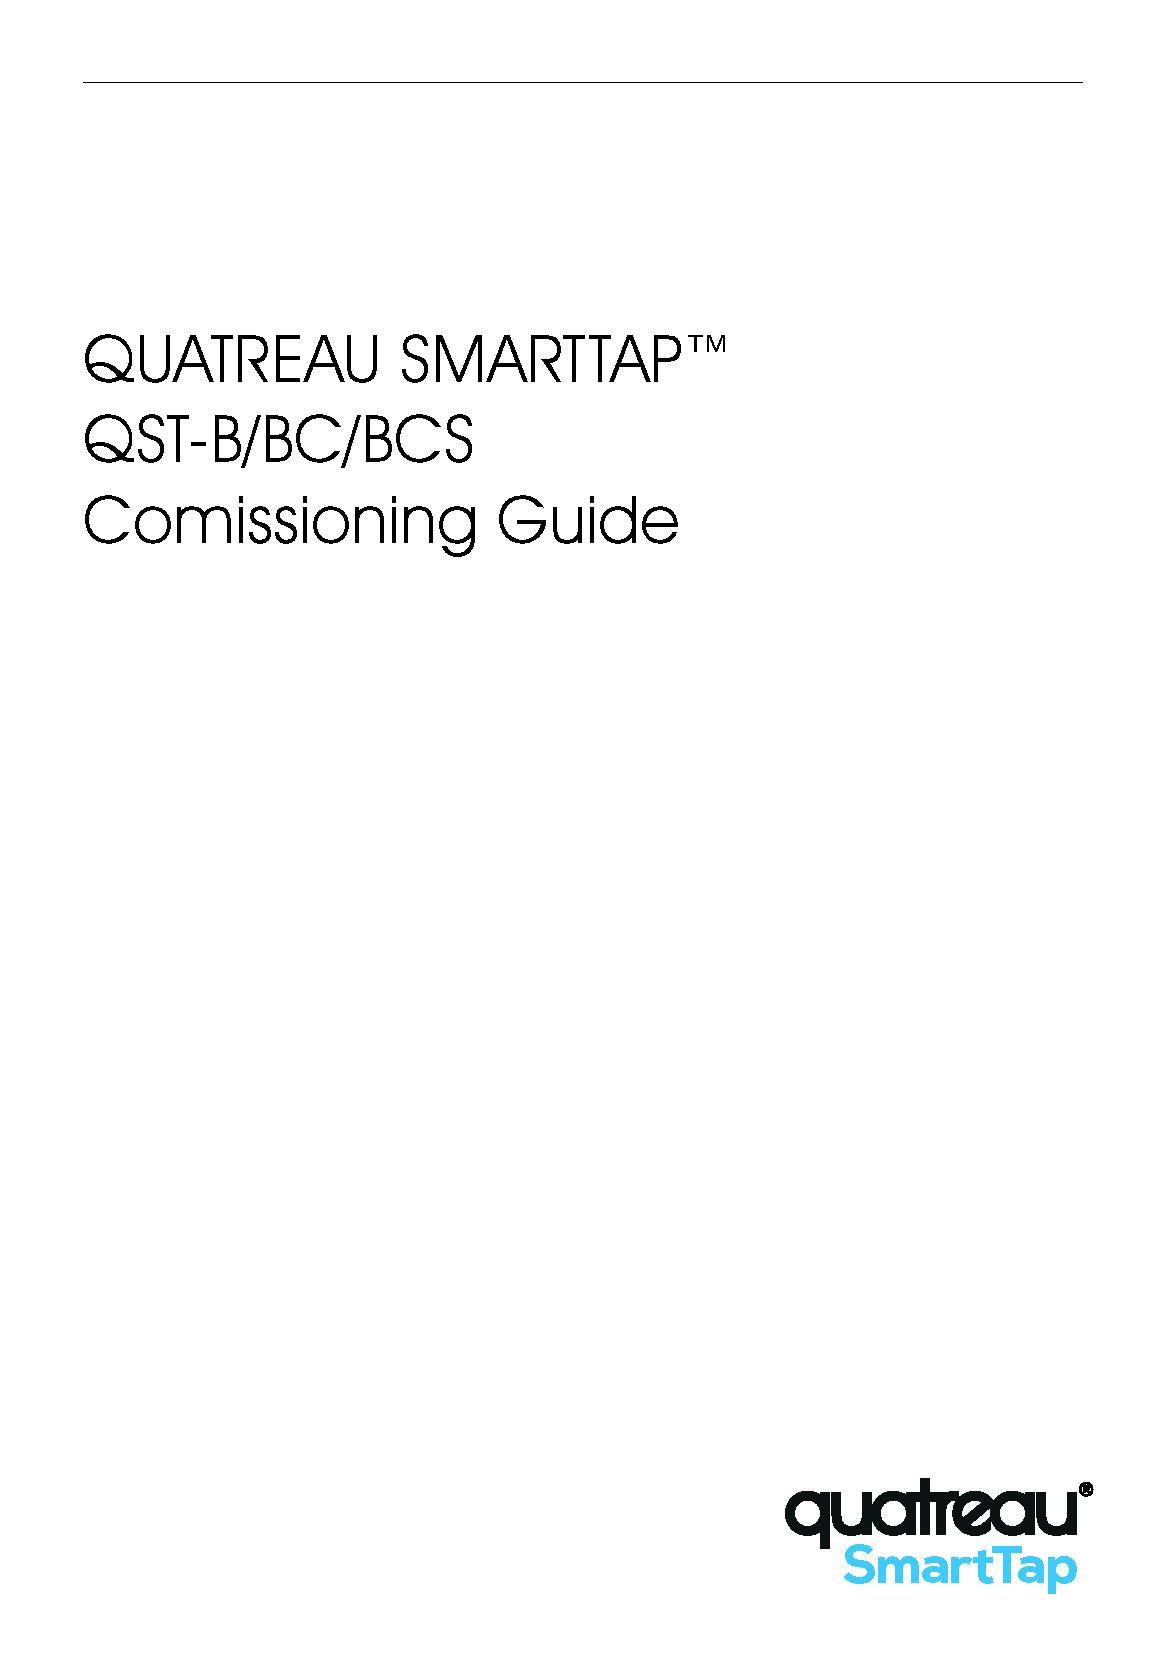 QuatreauSmartTap-CommissioningGuide-50hz